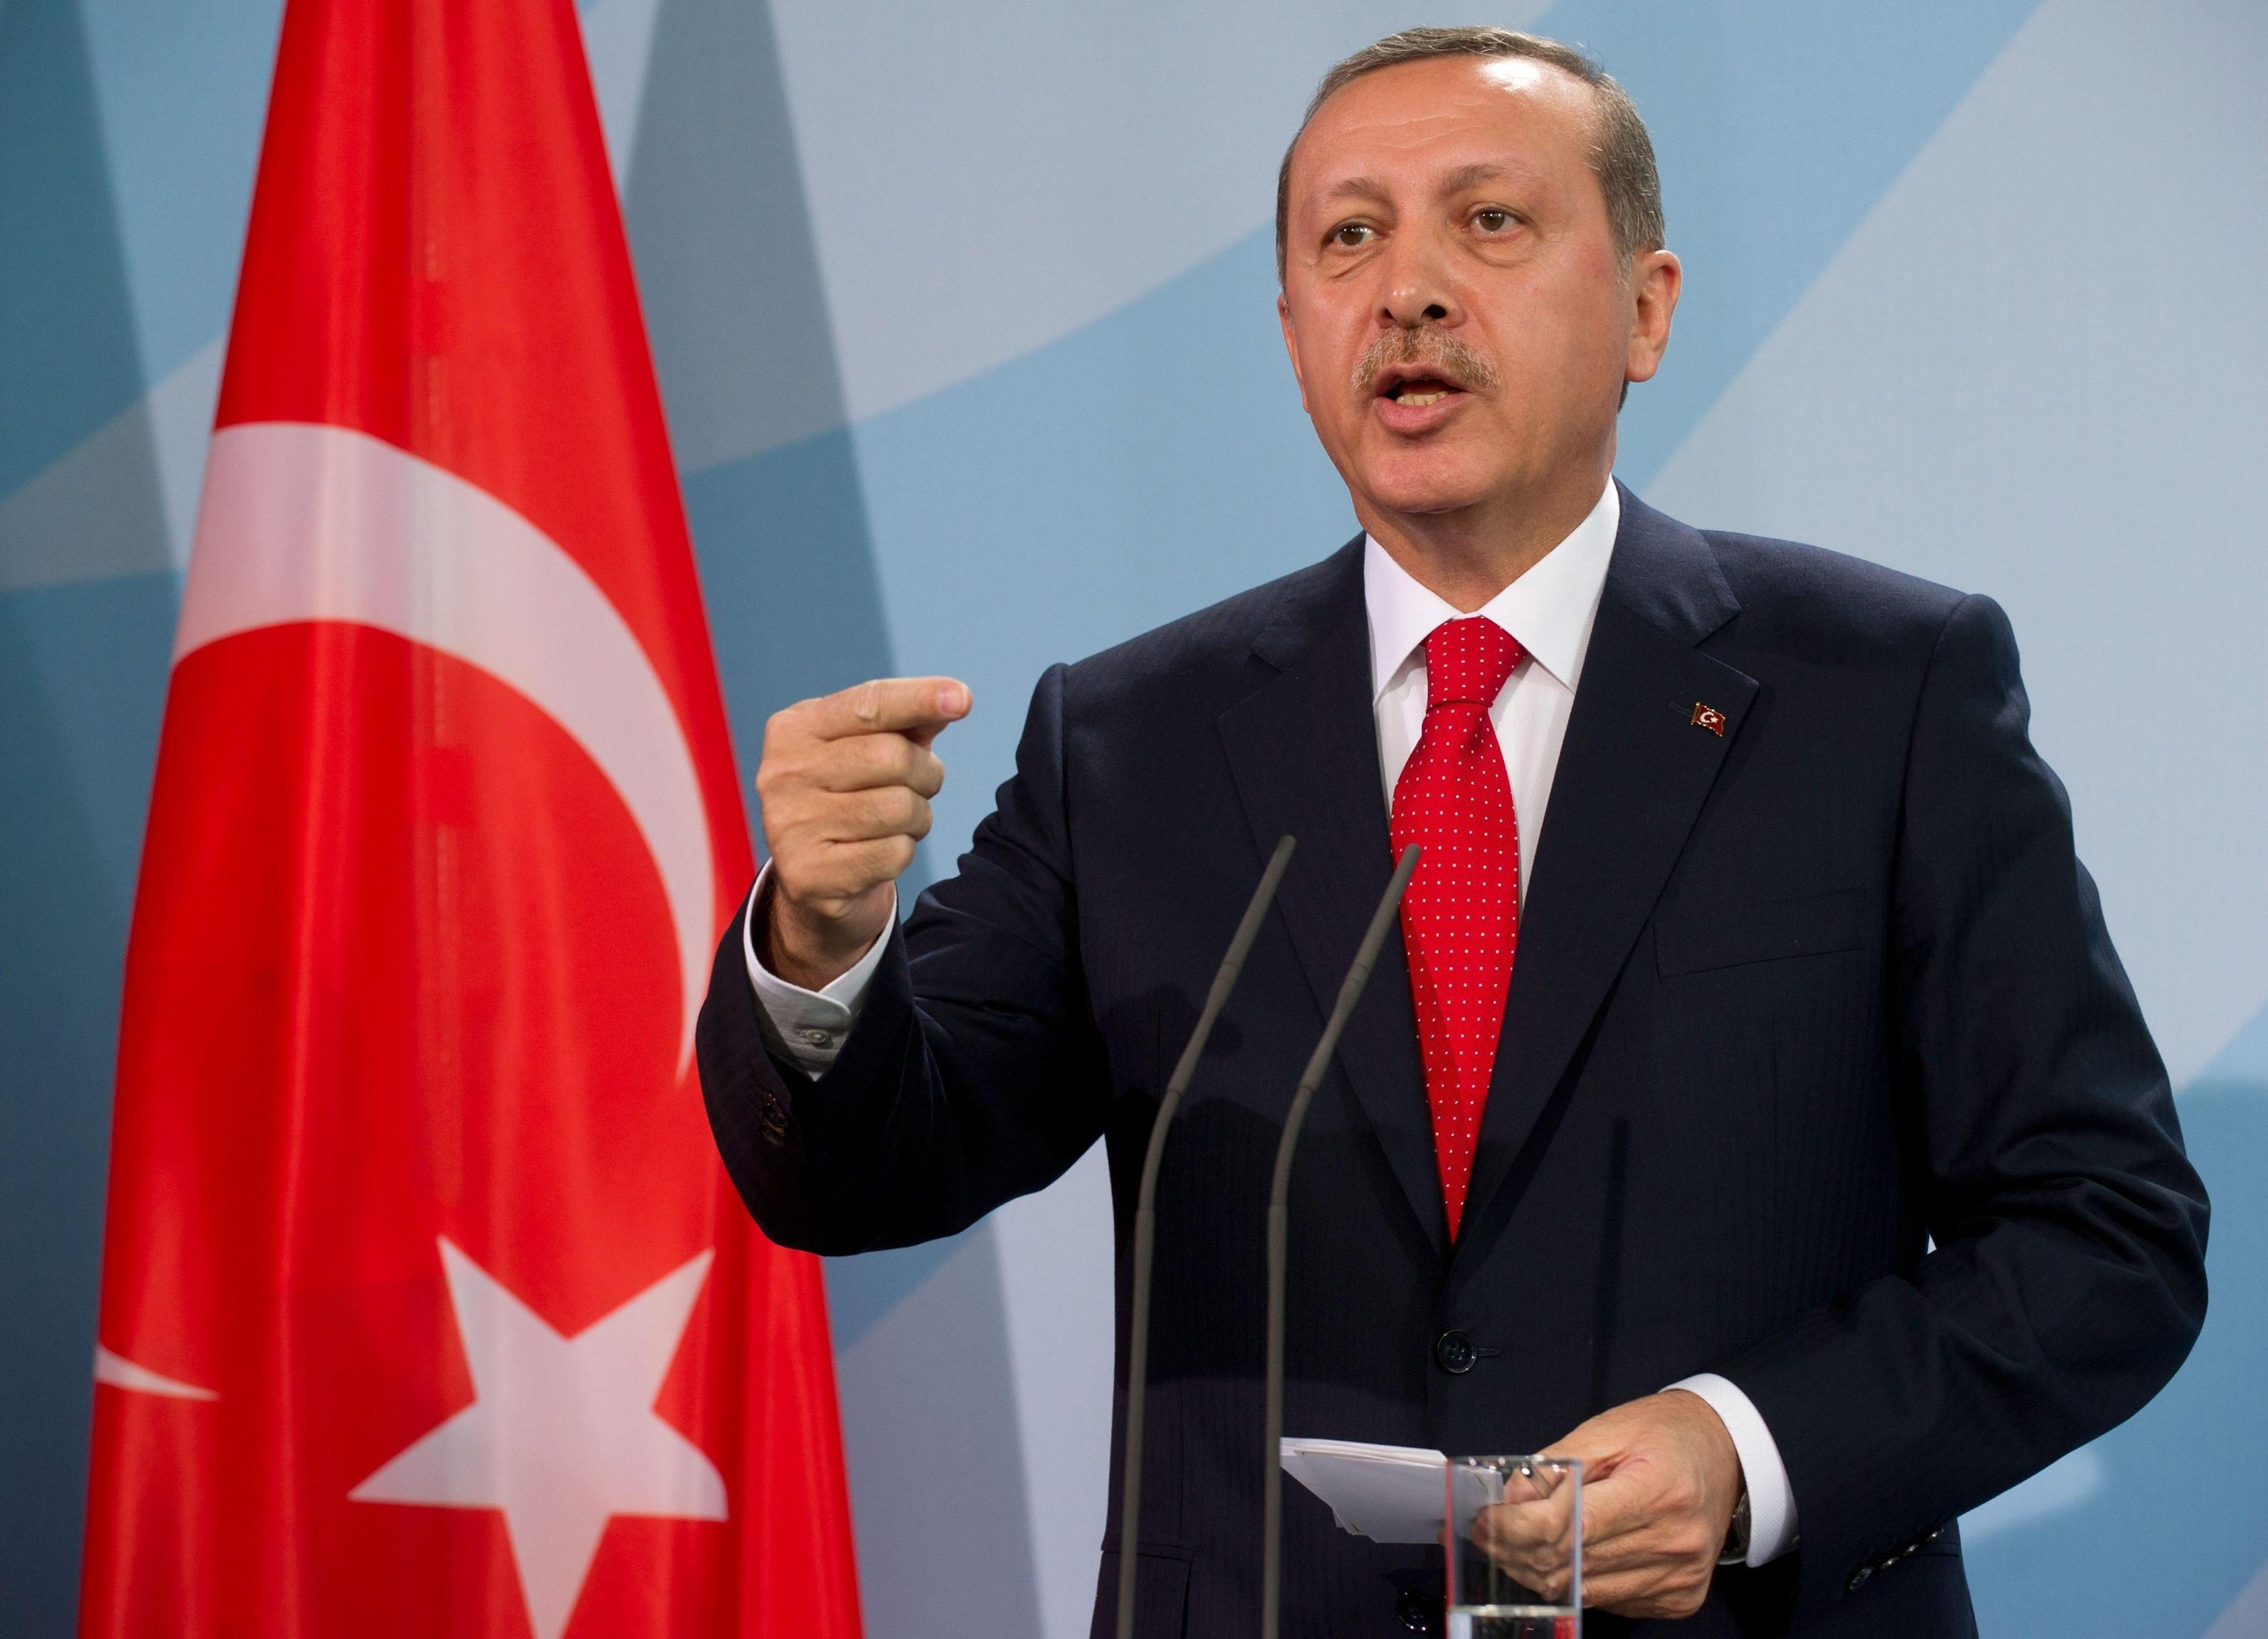 أردوغان: المليشيا المدعومة من إيران في سوريا تنفذ مذابح شرسة